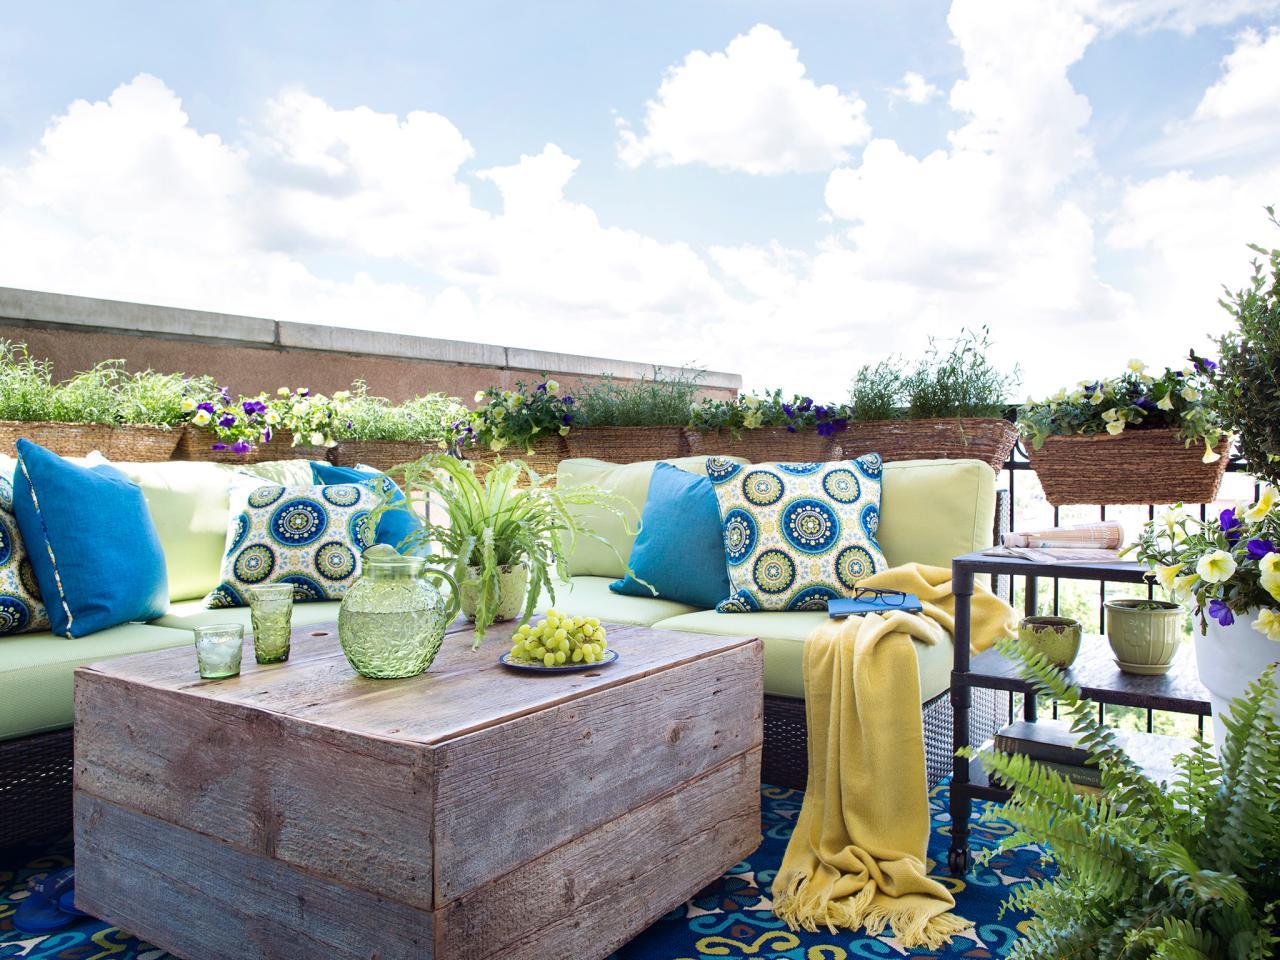 déco sympa jardin - exemples d'aménagements